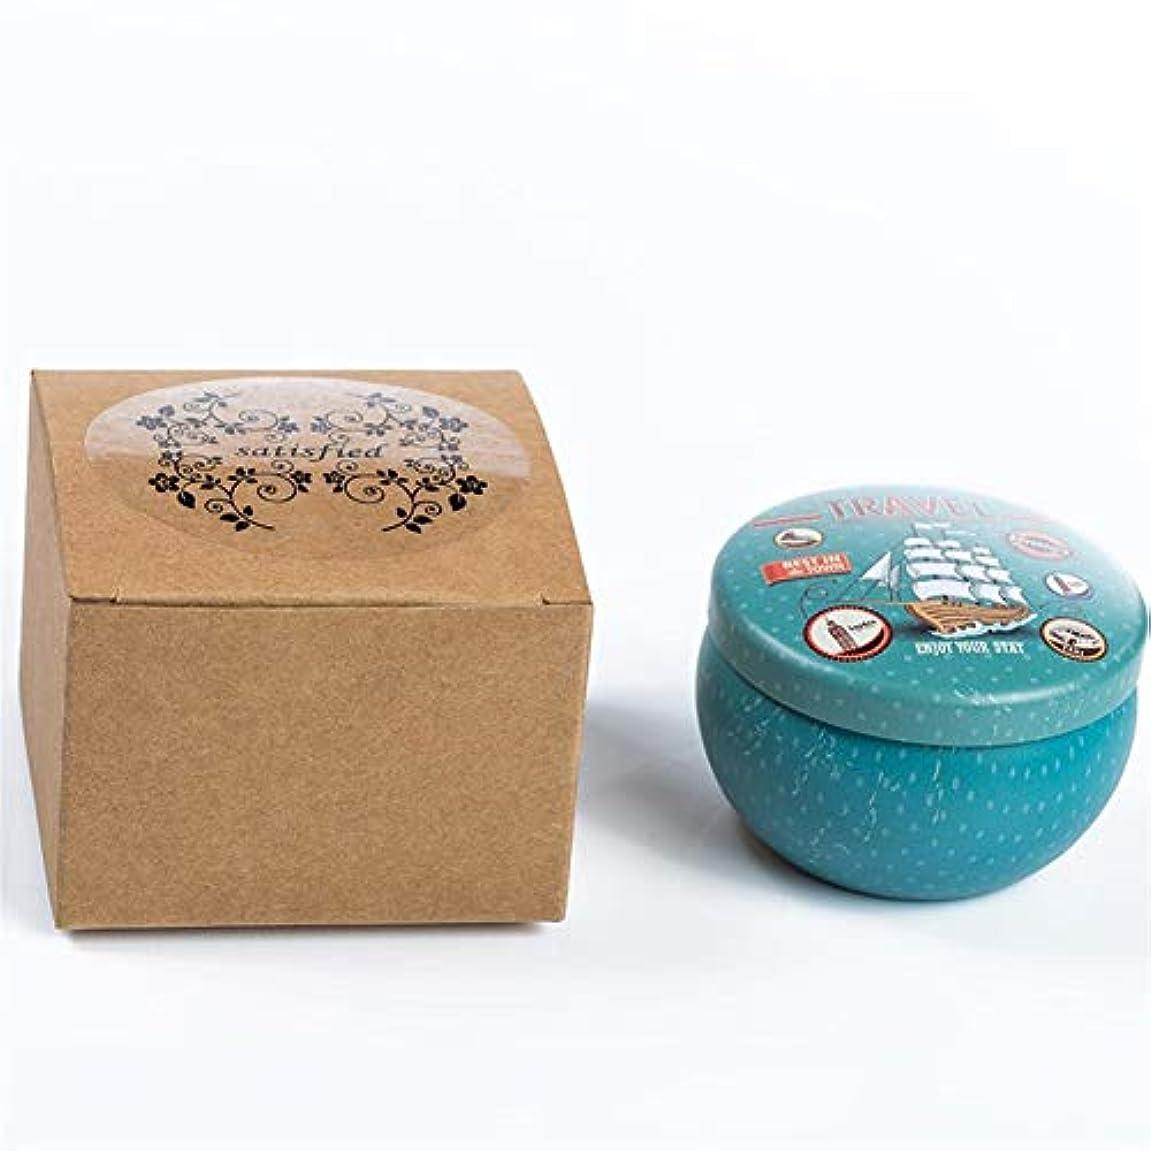 重要バストバルクGuomao 漫画のブリキの箱の香料入りの蝋燭の家のなだめるような睡眠、新しく、快適な臭いがする蝋燭 (色 : Lavender)